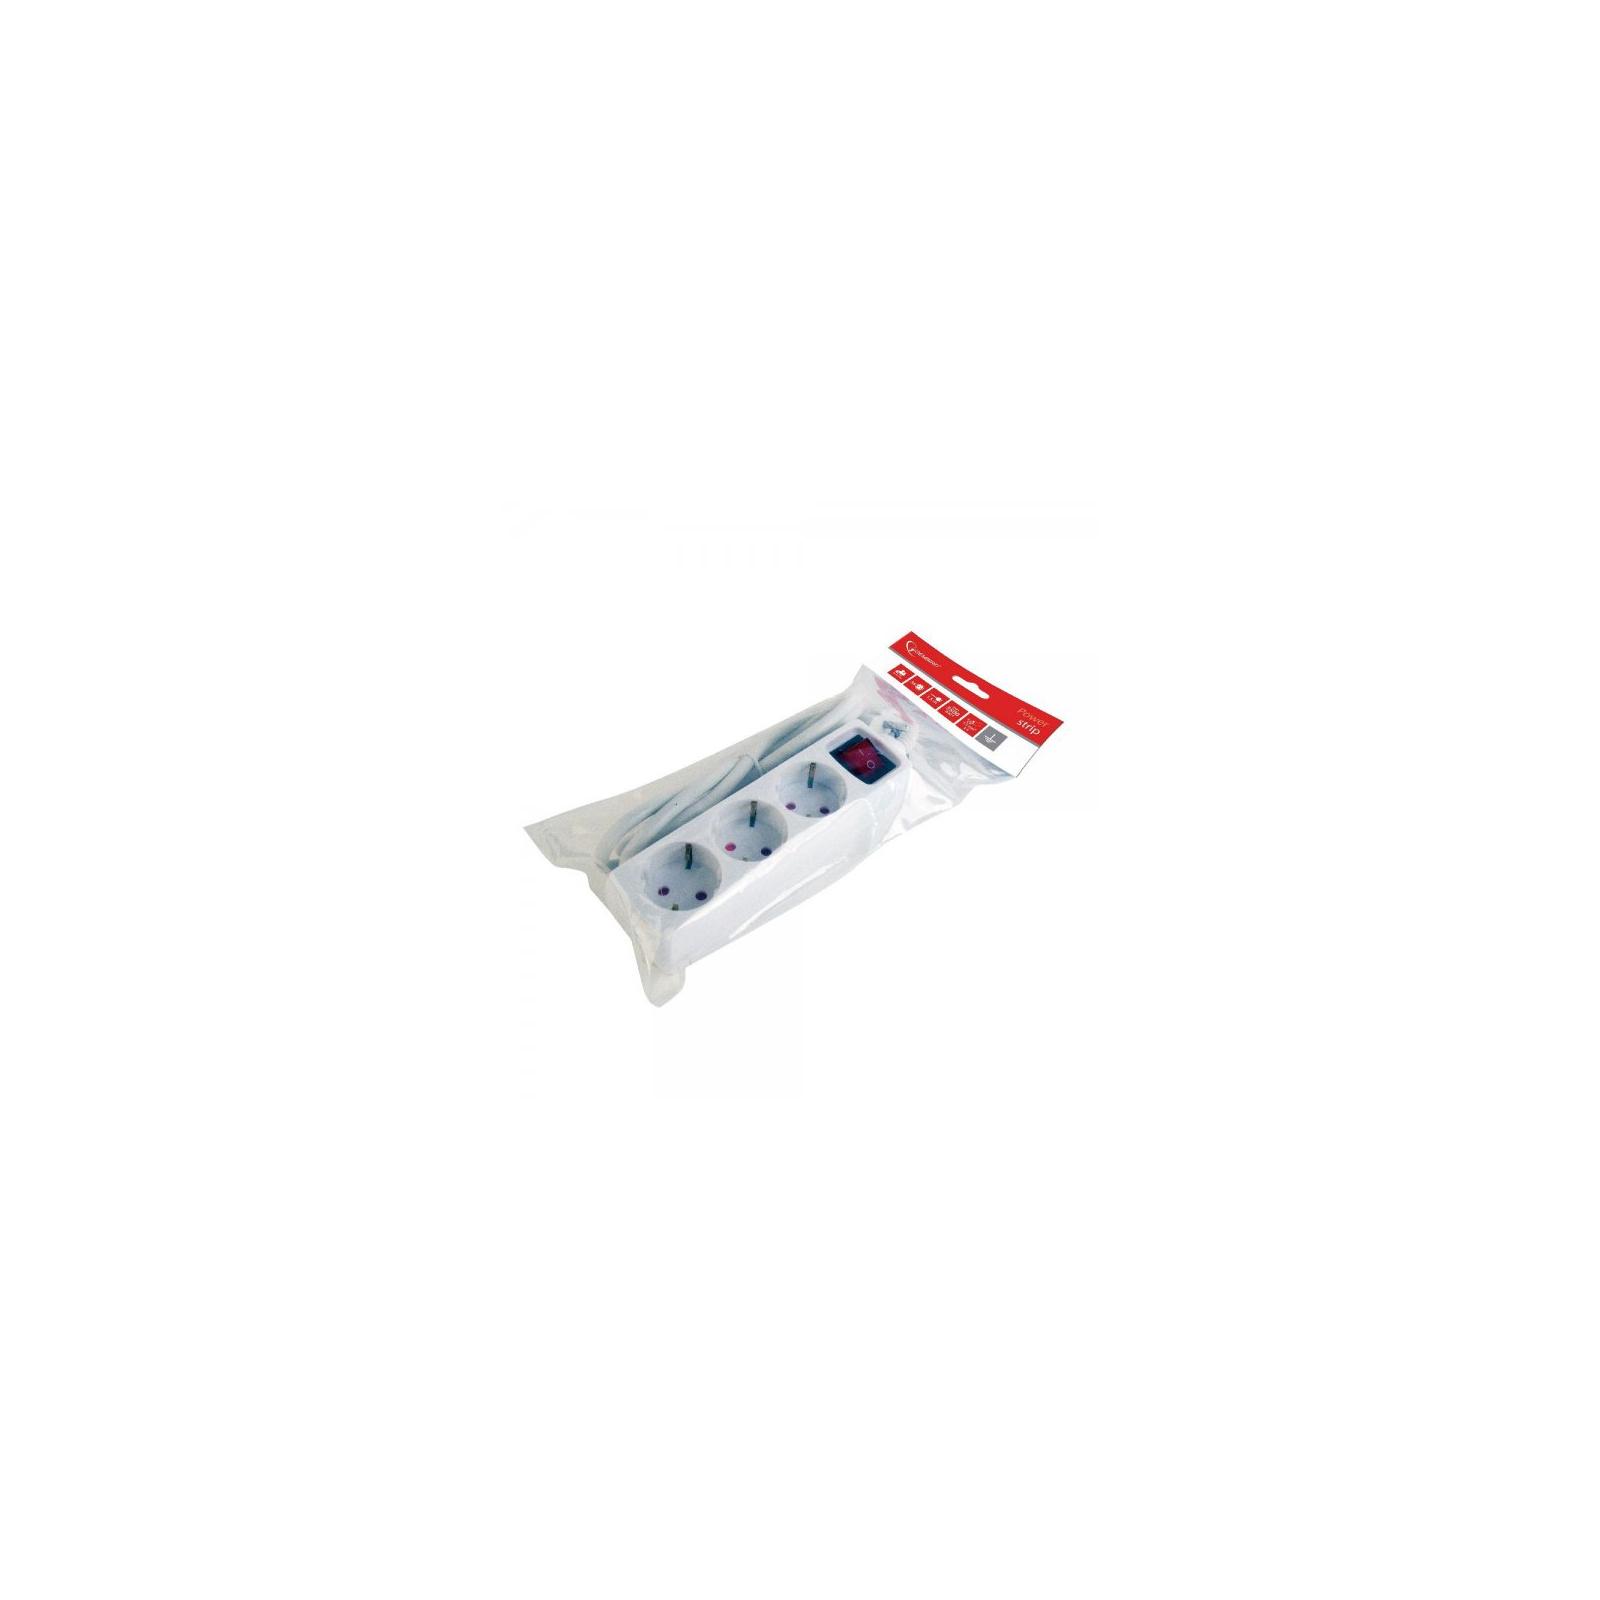 Сетевой фильтр питания Gembird 3 роз, 1.5м, 1.5mm2 (PS-S3SW-W-1.5M) изображение 2